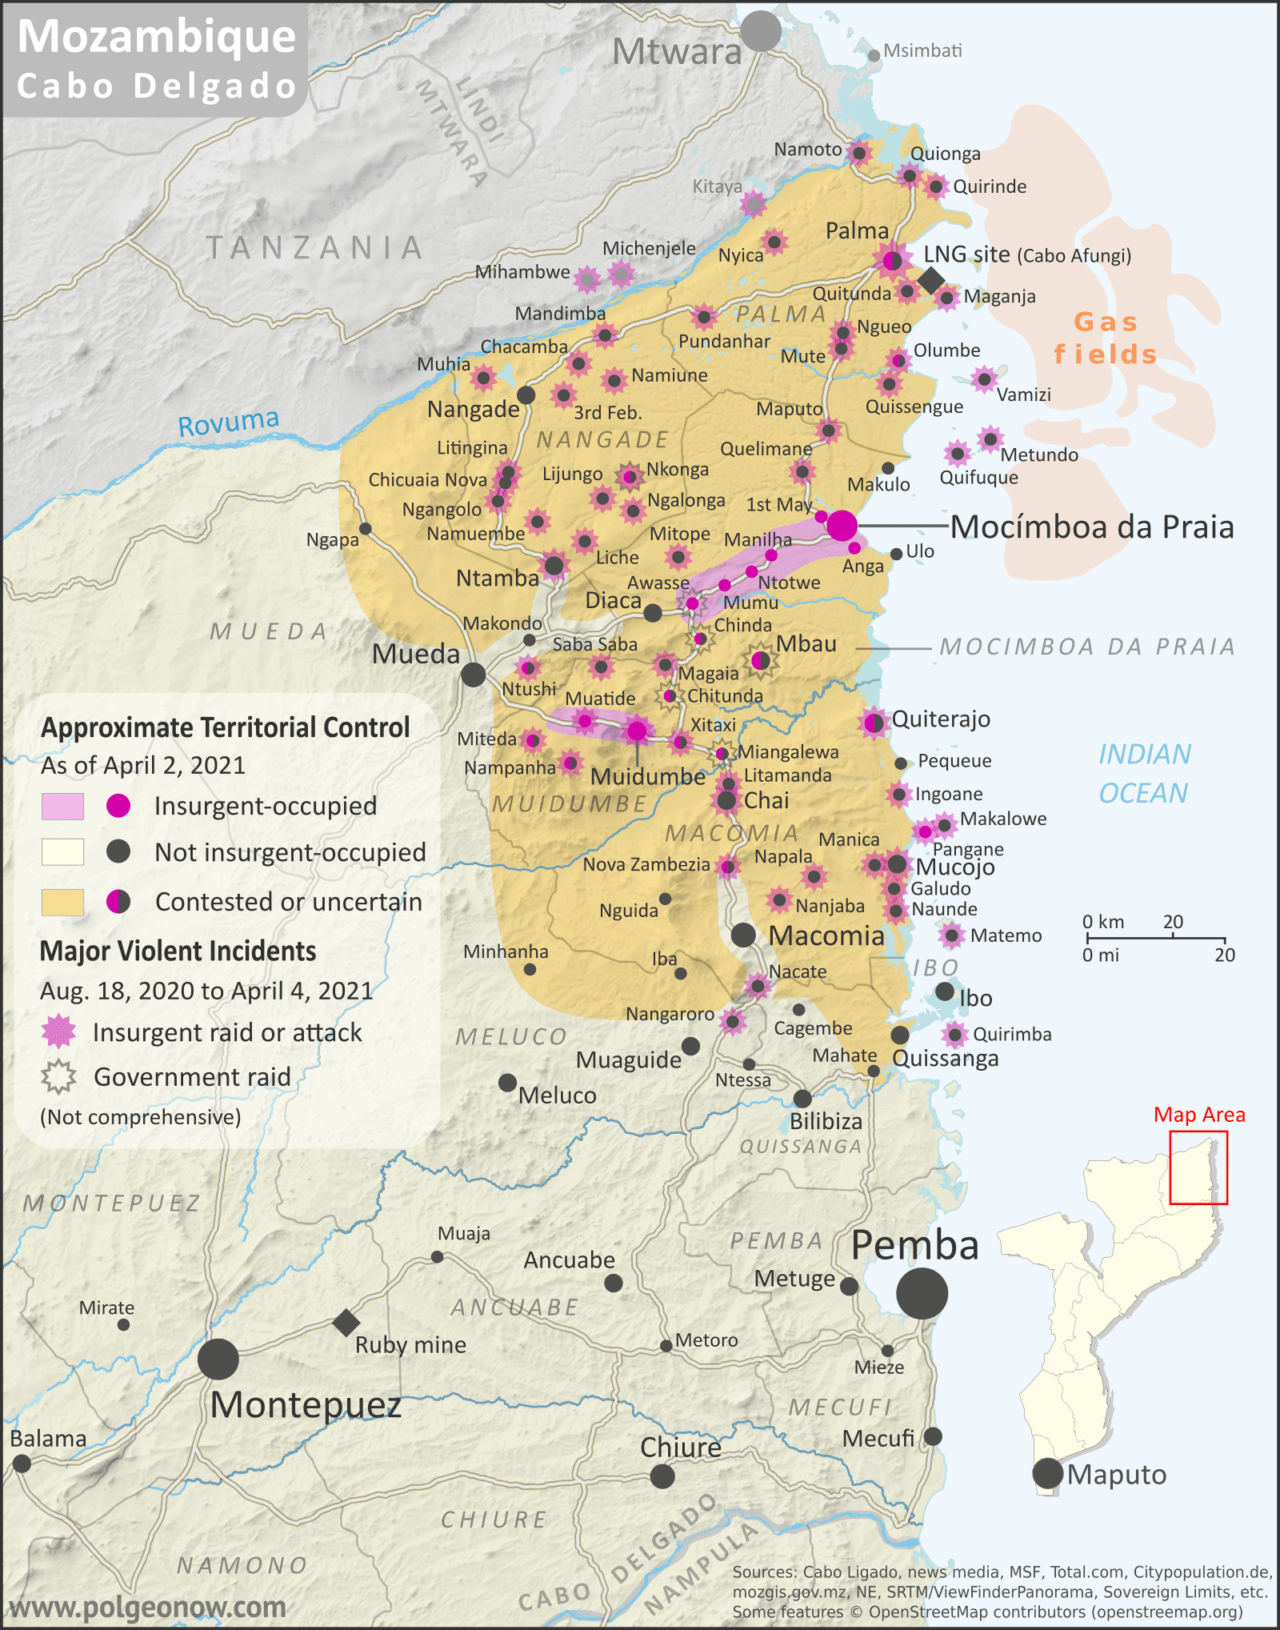 2021-04-02_cabo-delgado-mozambique-isis-control-map